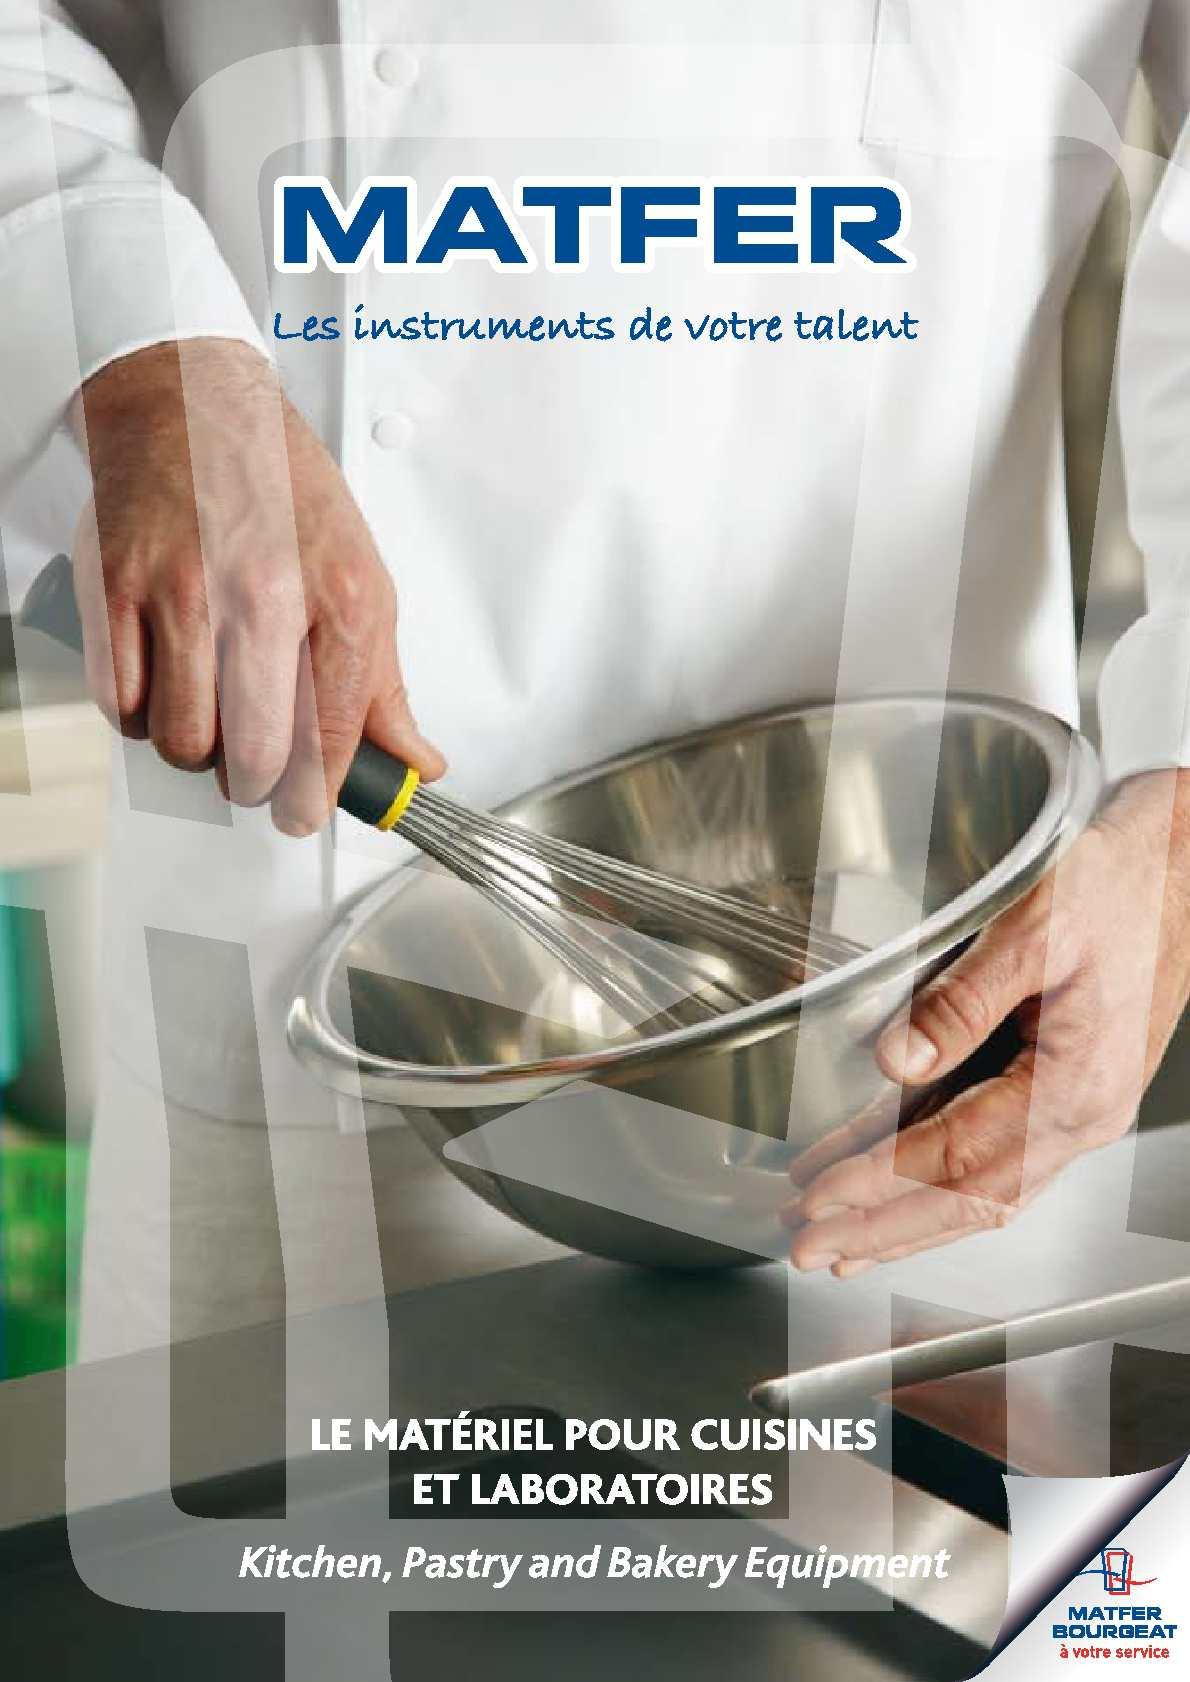 Maison Discreet Mini Cocotte Ronde En Fonte 10 Cm Cocottes Lot De 2 Grade Products According To Quality